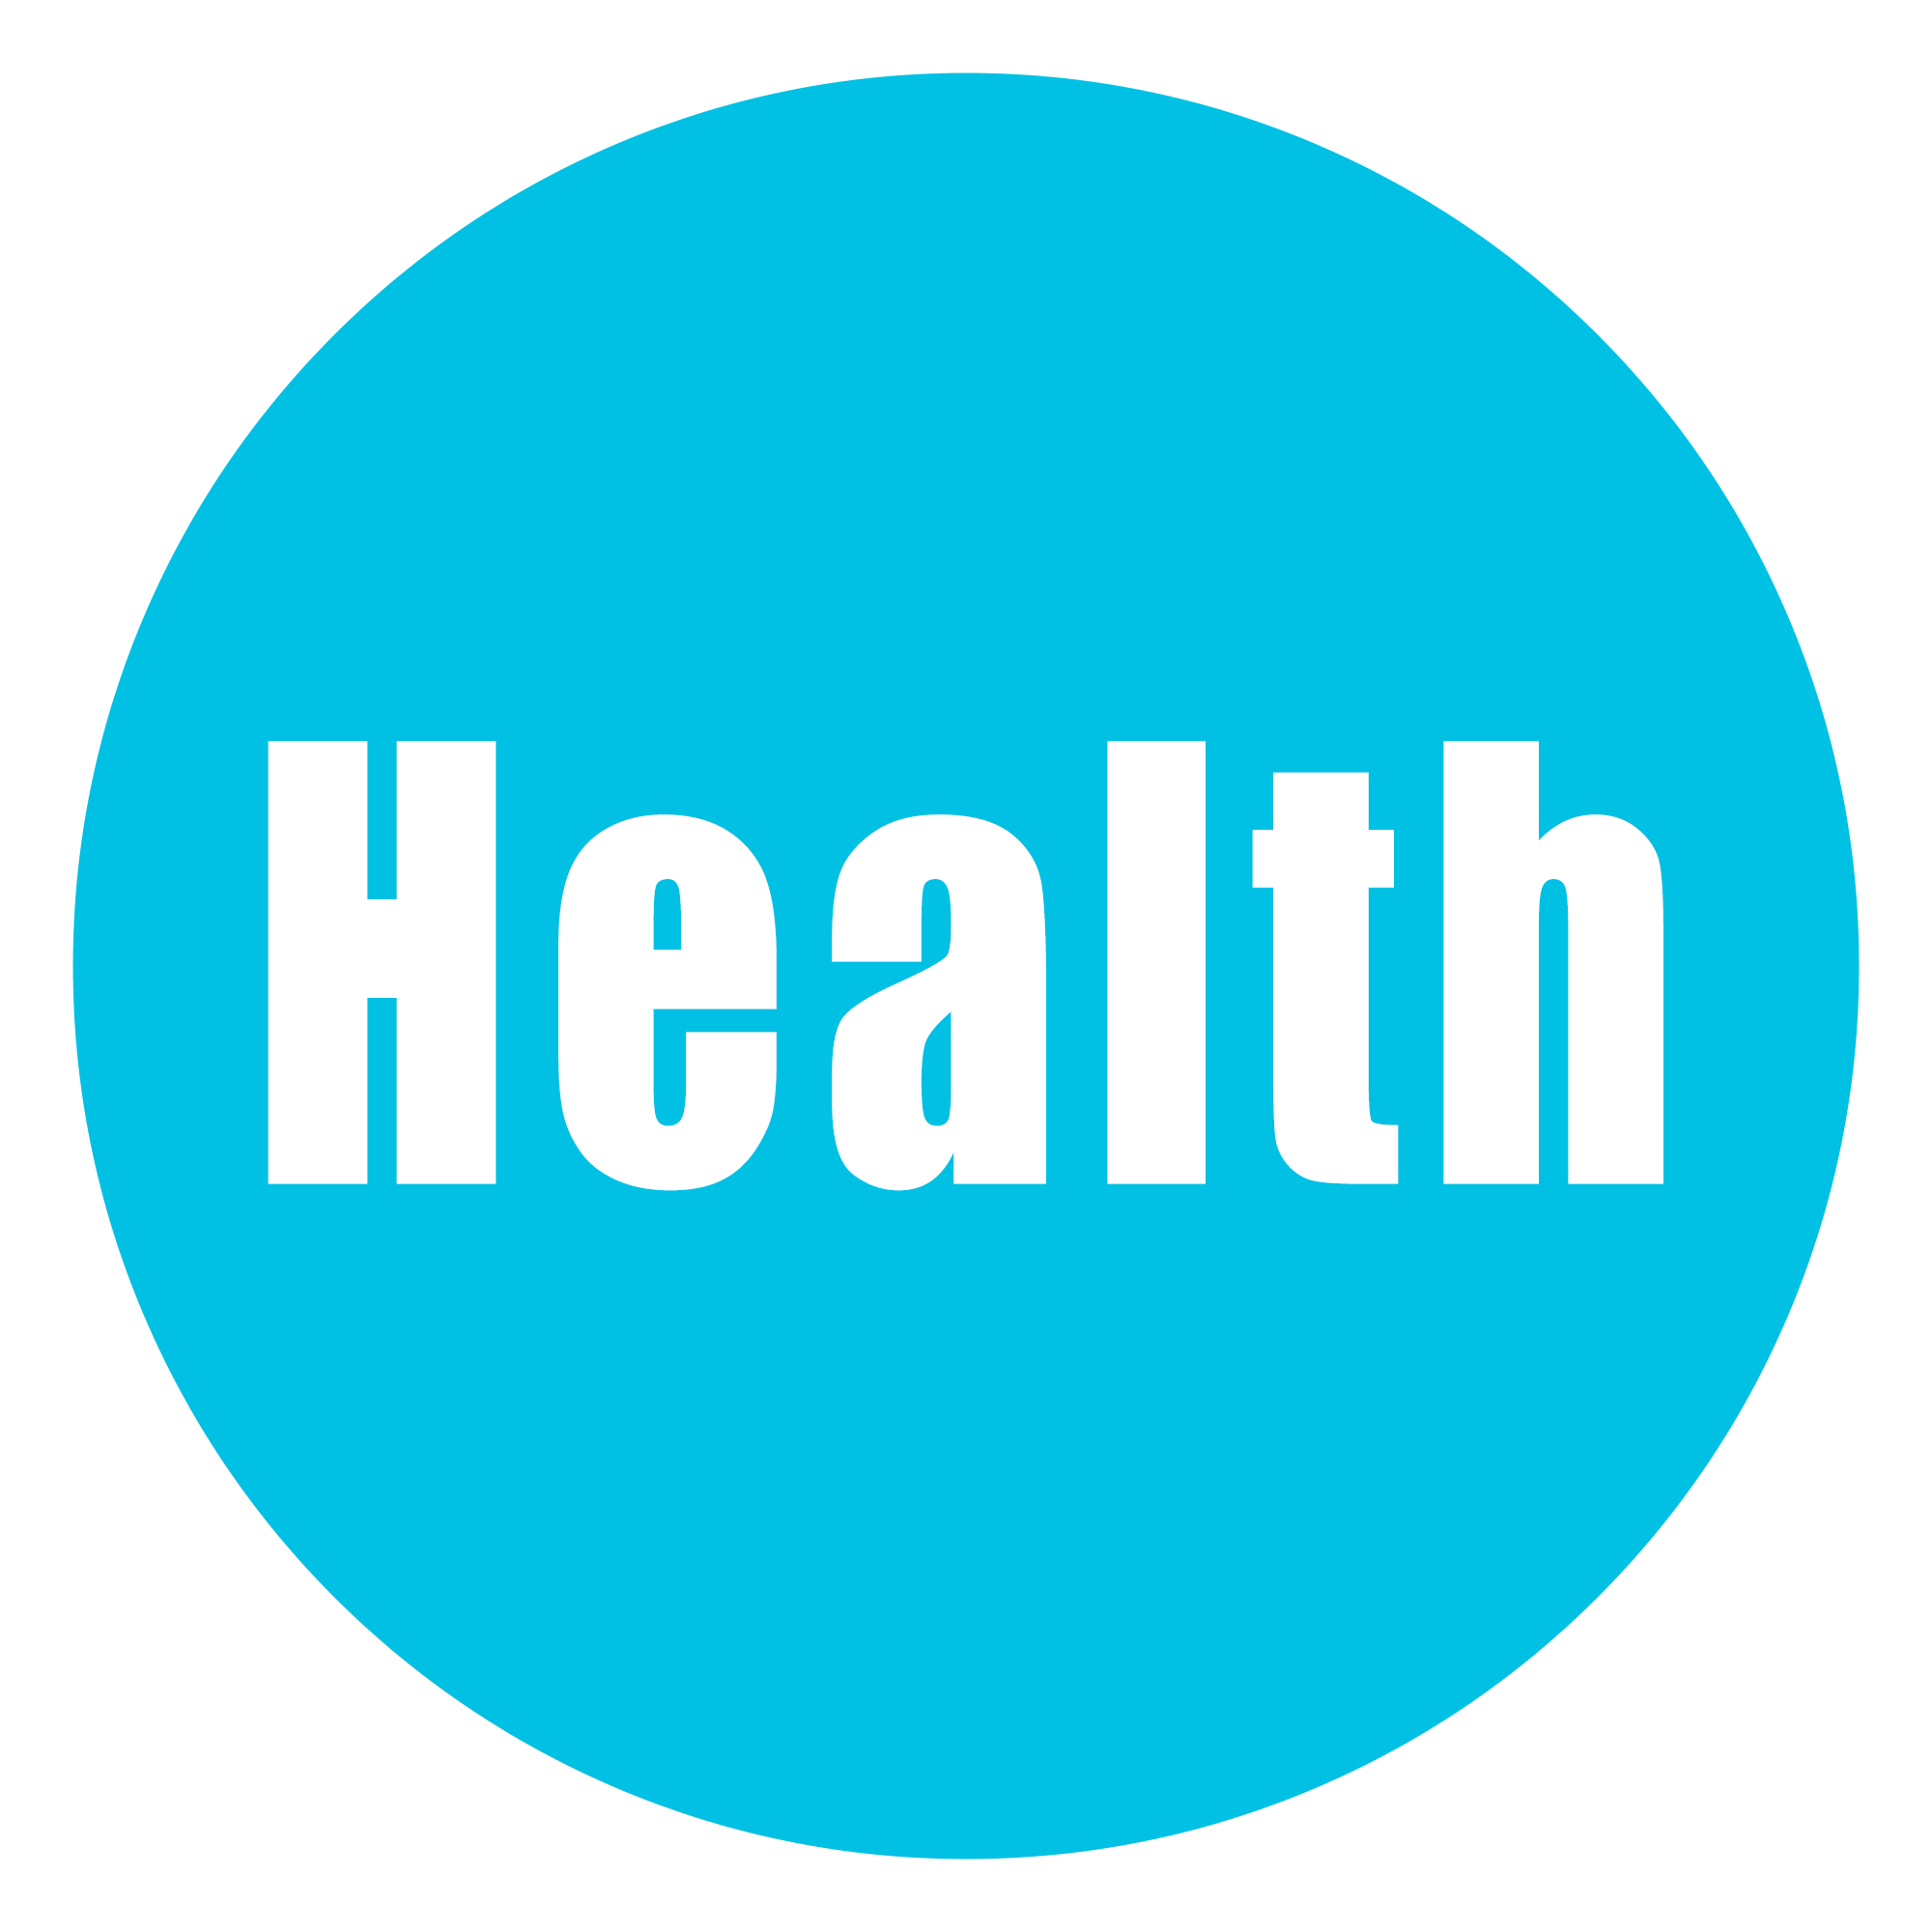 Health circle png vector